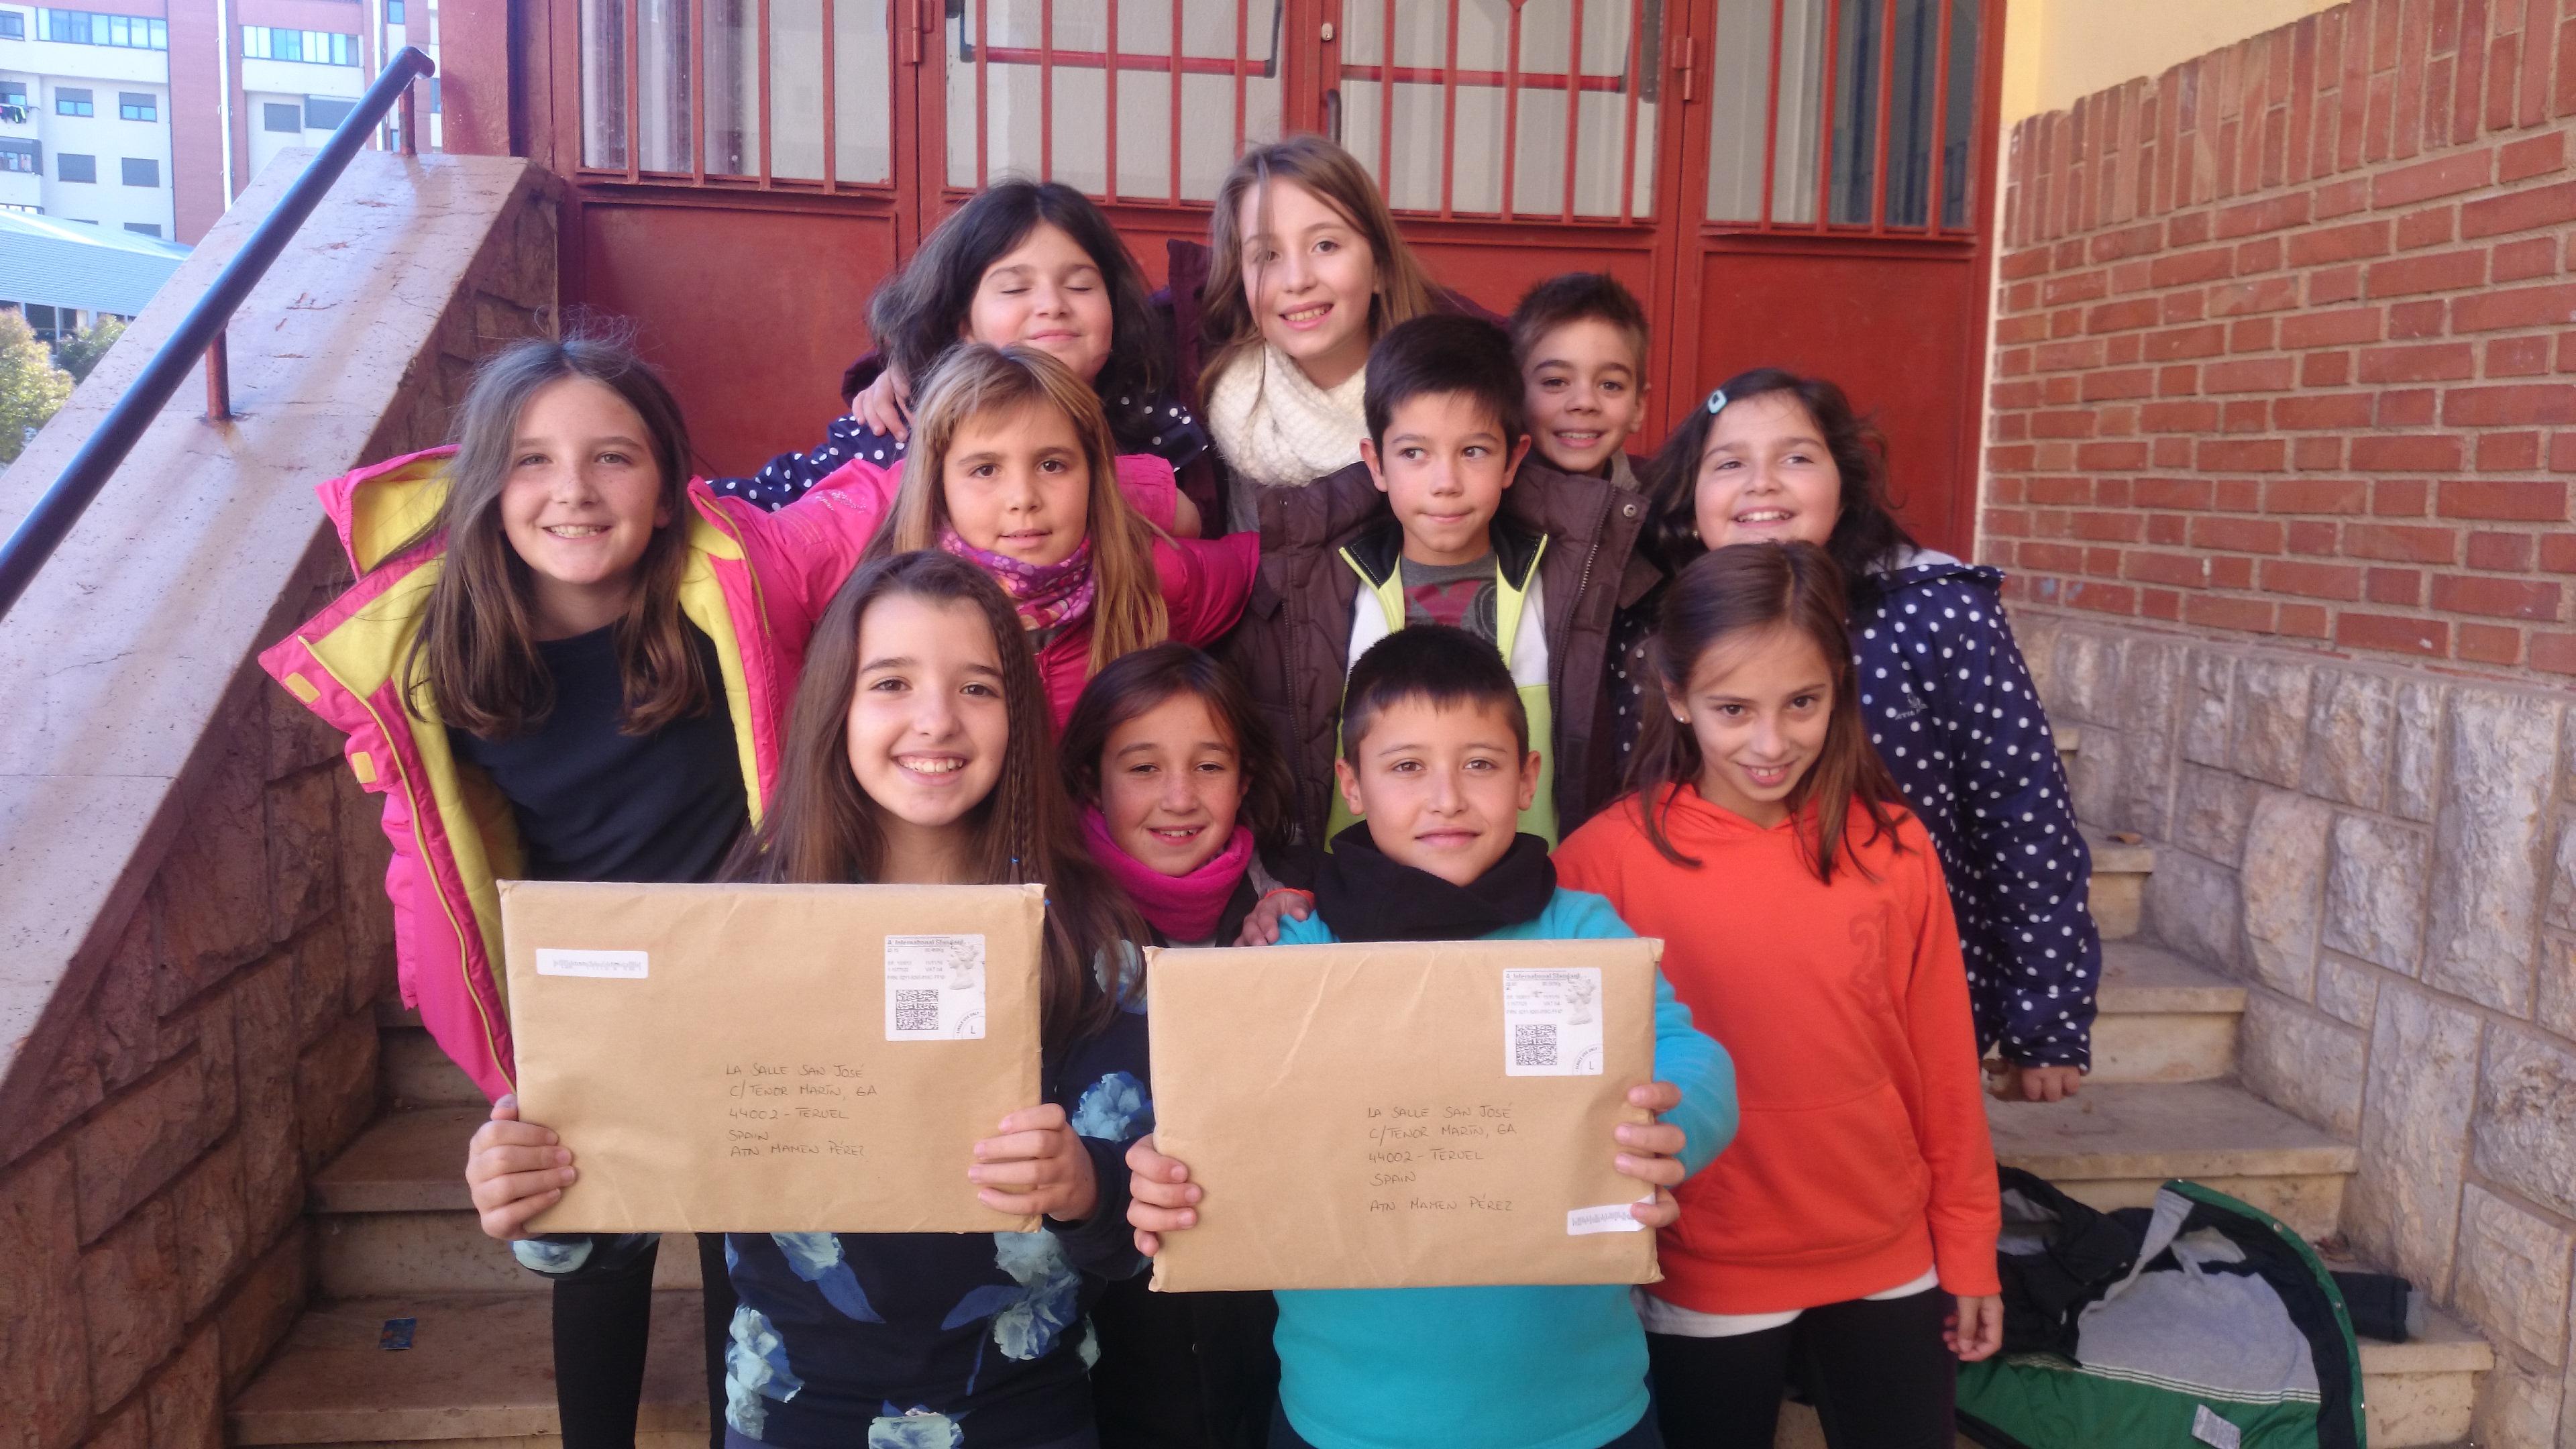 ¡Hemos recibido las cartas de los Penpal friends!